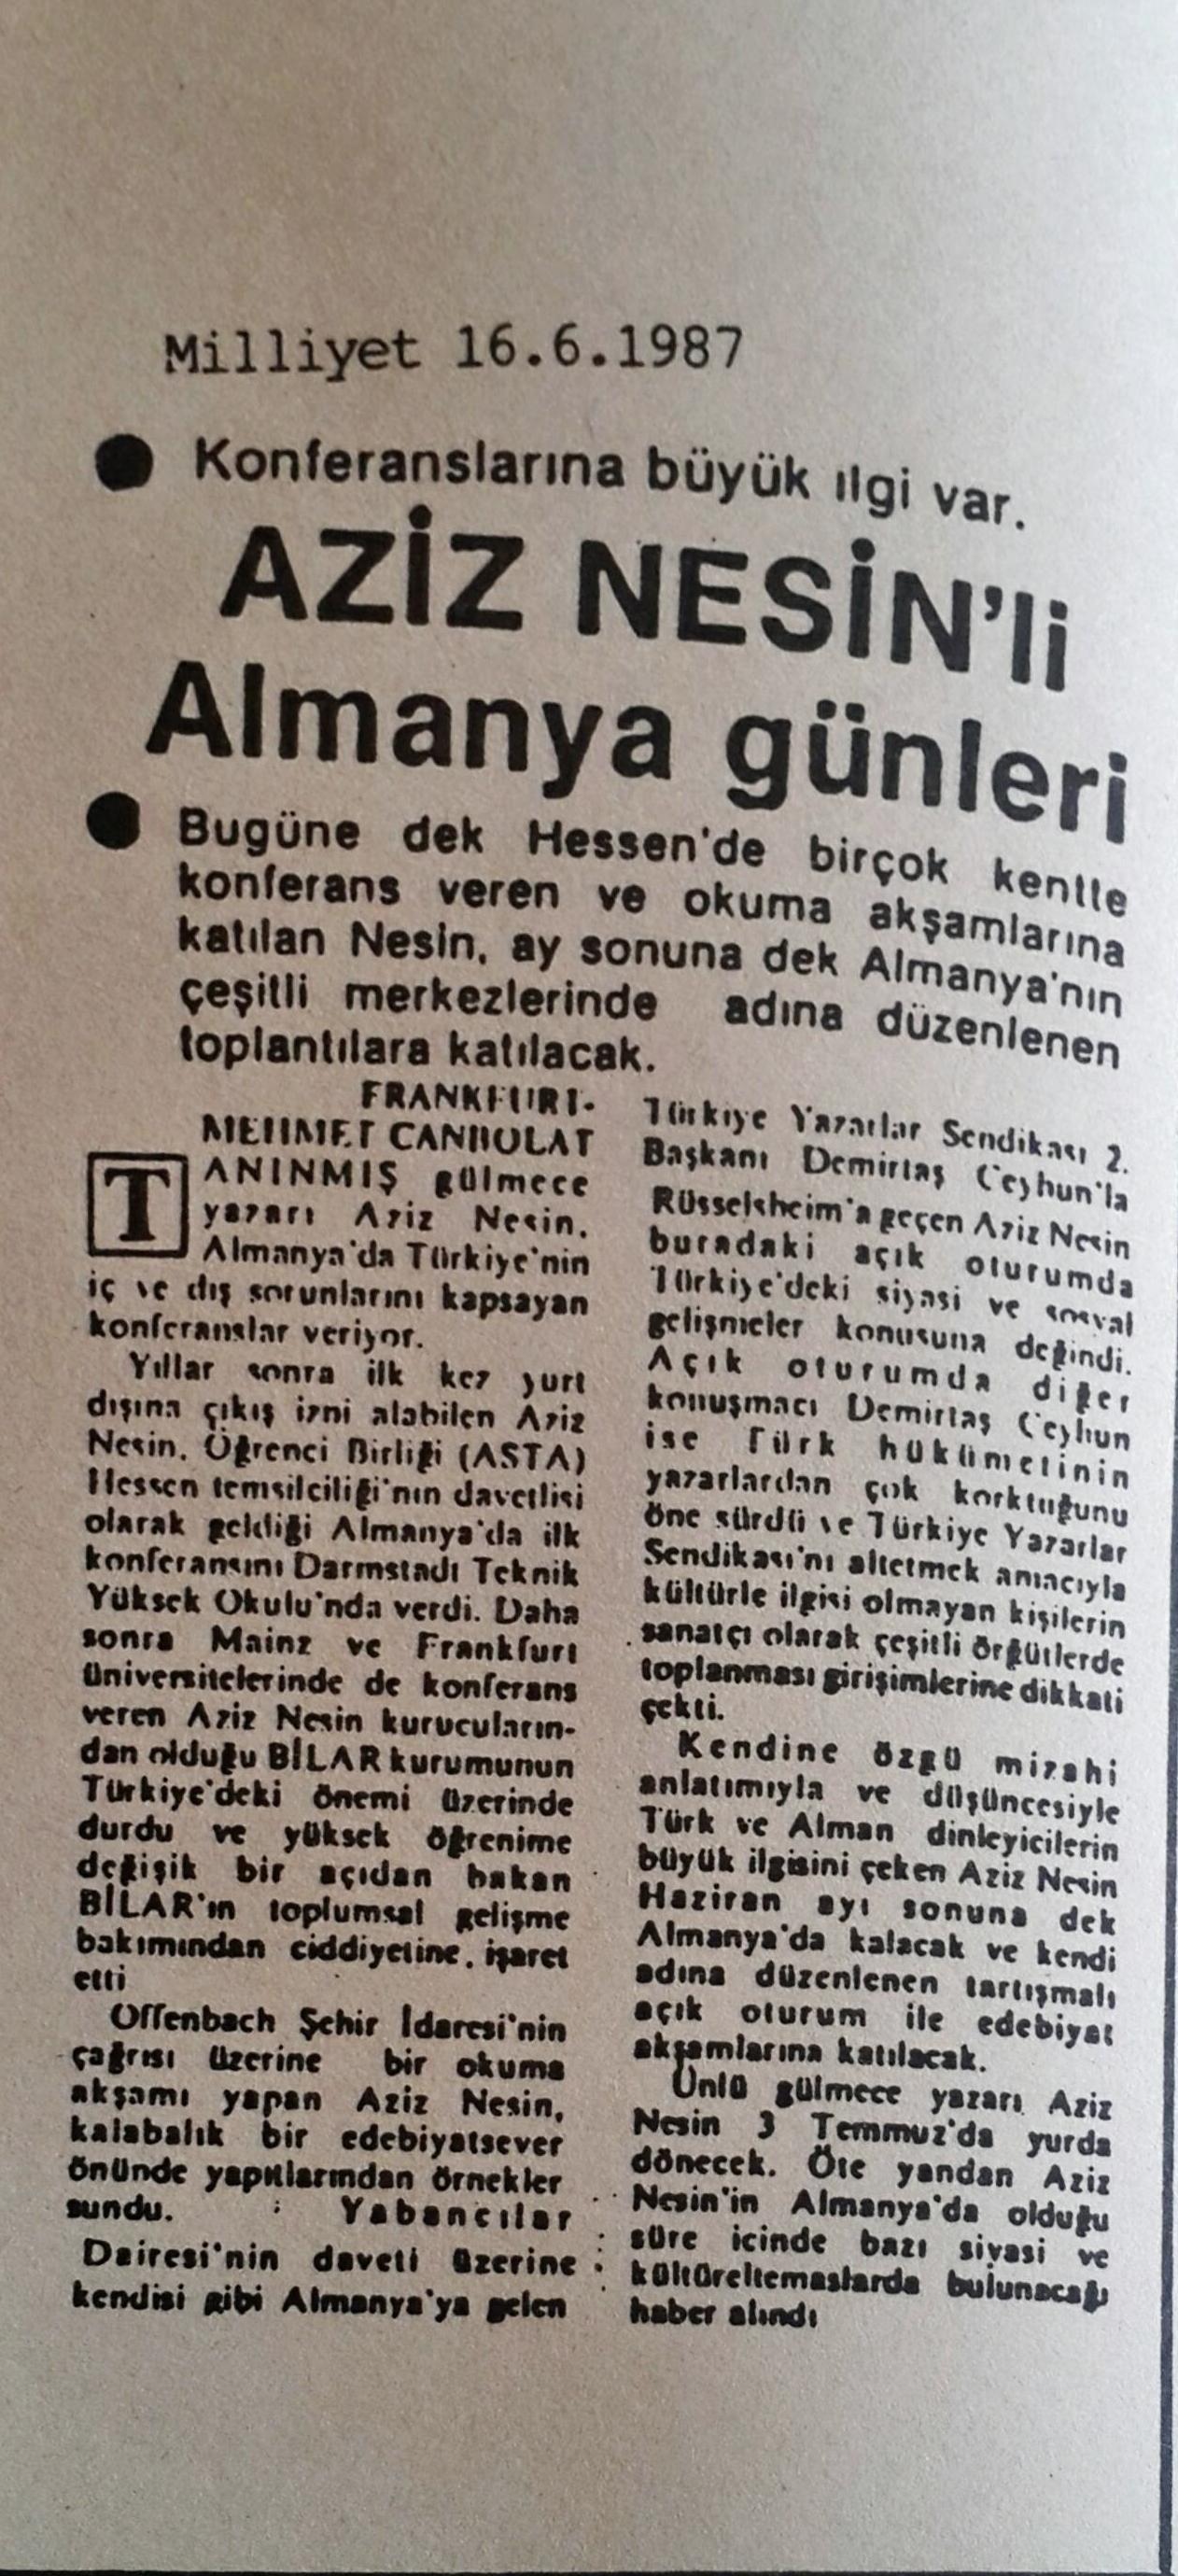 1987_milliyet_almanya-haberi.jpg